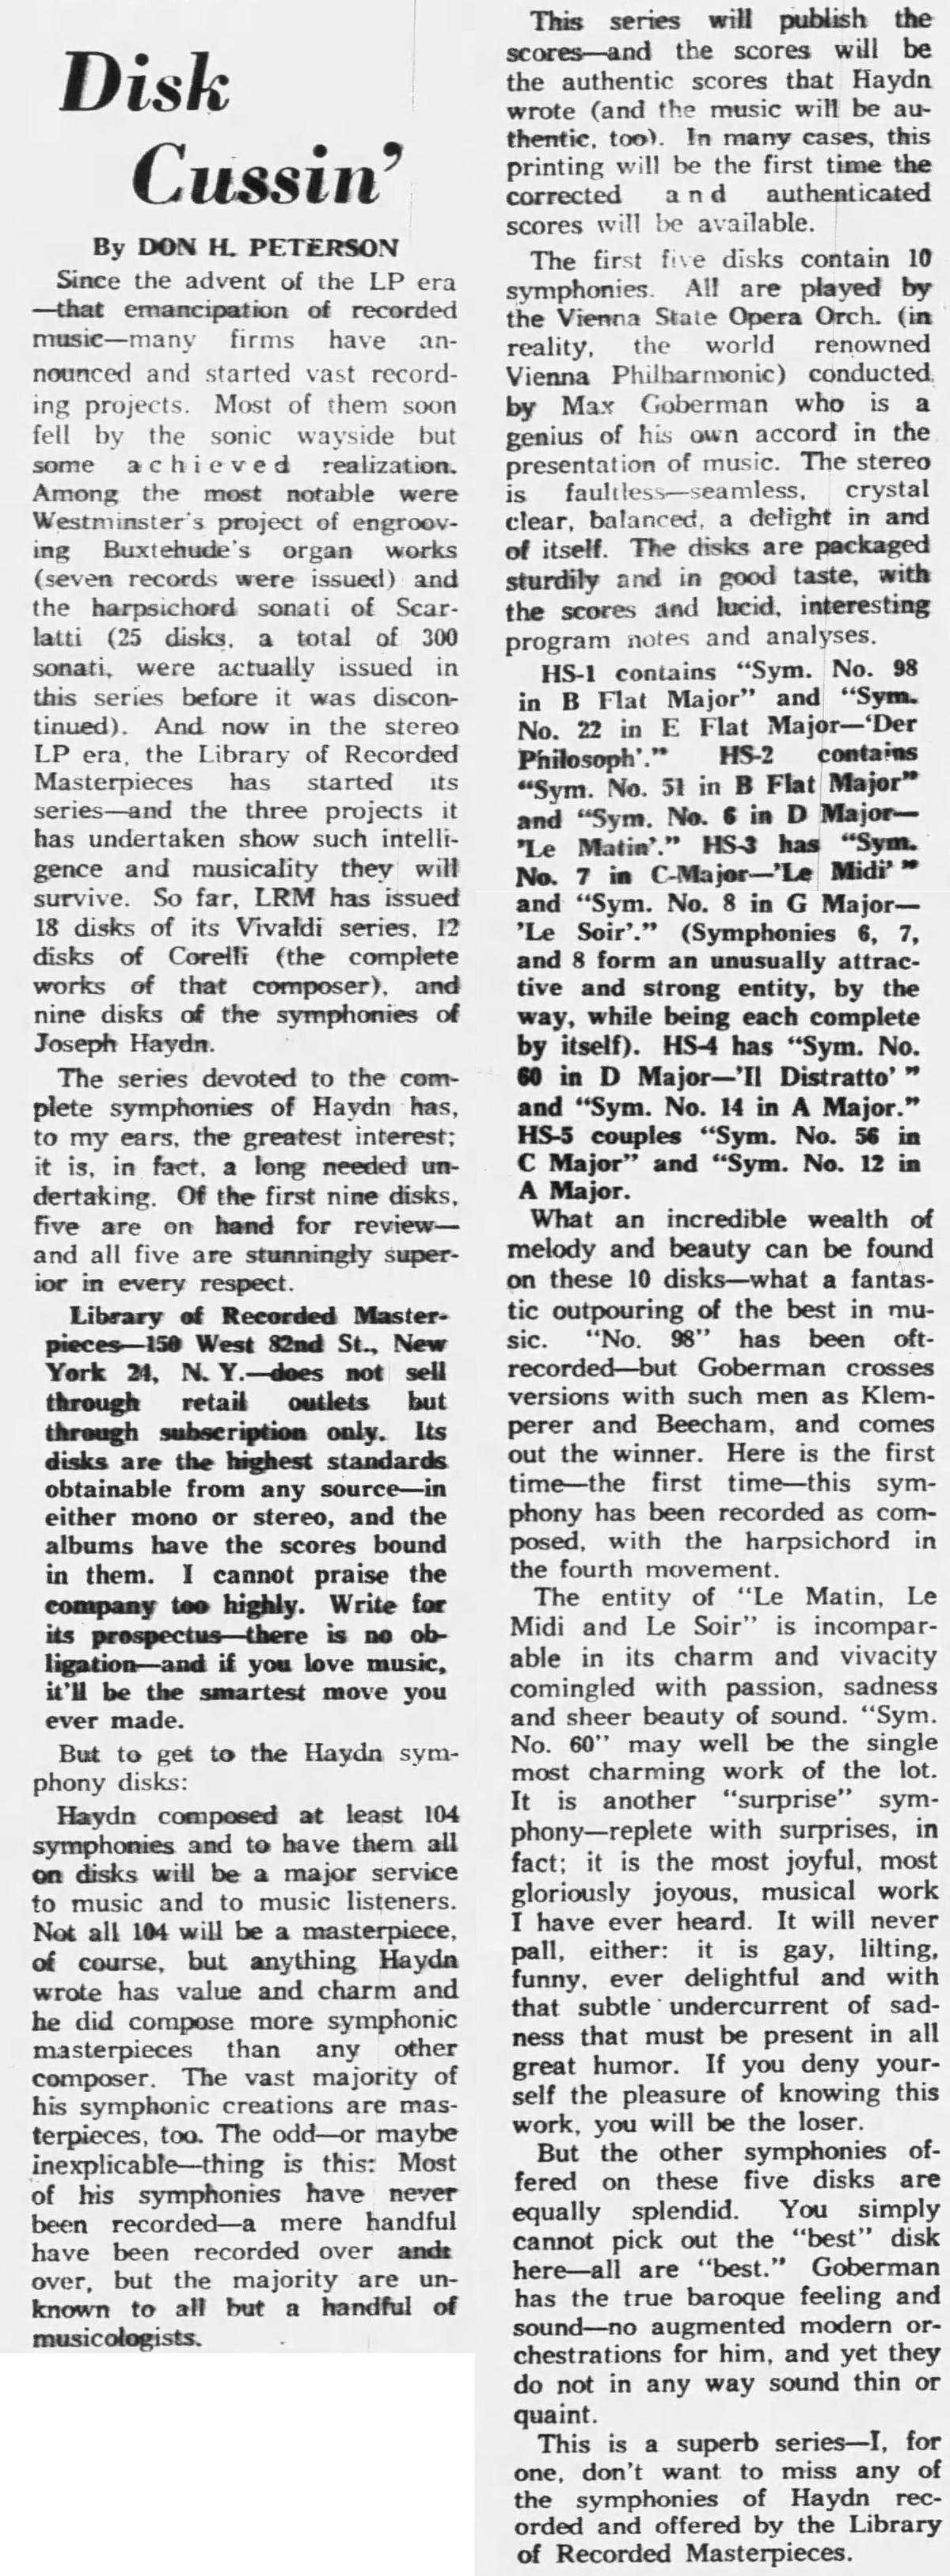 Début de l'intégrale des symphonies de Haydn sous la direction de Max Goberman, recension publiée le 16 septembre 1962 dans le quotidien Santa Fe New Mexican en pages 3 et 12